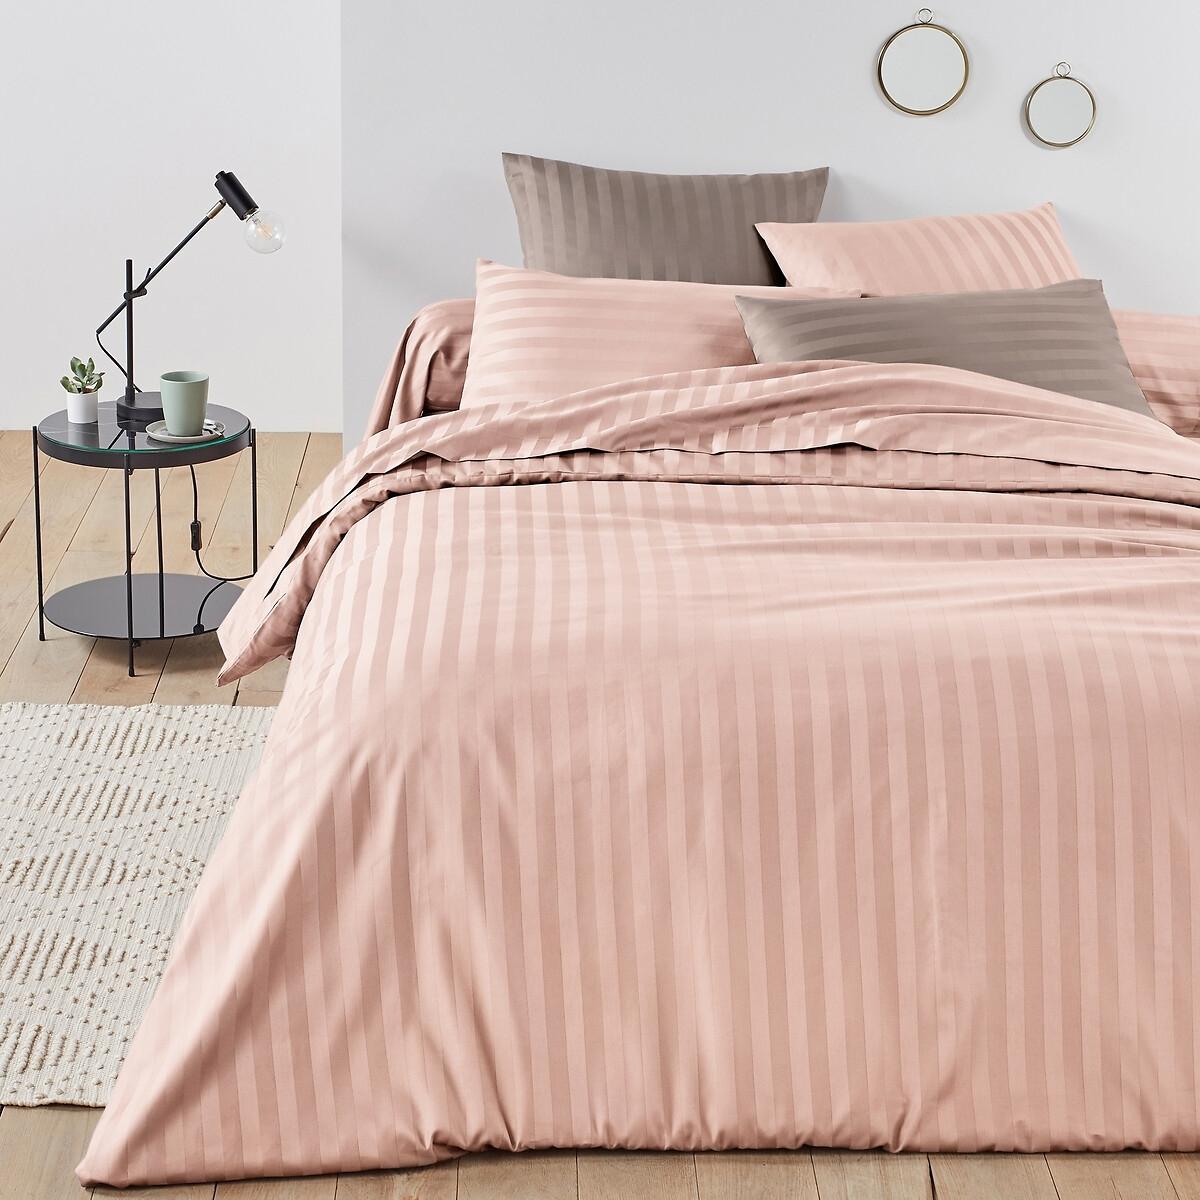 Пододеяльник LaRedoute Из хлопкового сатина с тканым рисунком в полоску 200 x см розовый